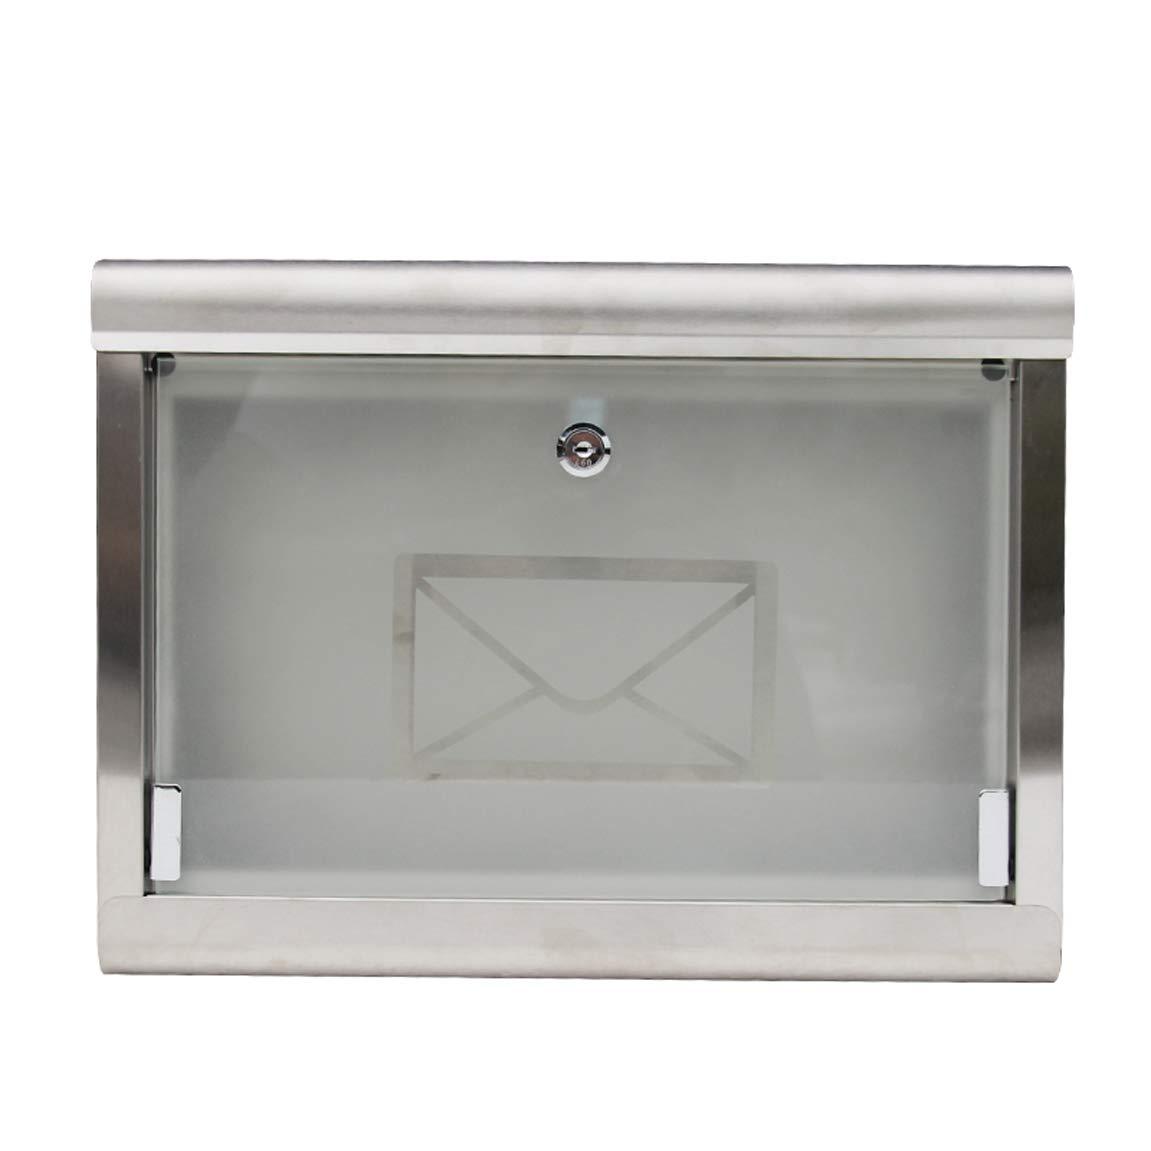 HLQW ヨーロッパスタイルのメールボックスヴィラ、雨に耐える壁掛け郵便箱、ステンレススチールガラスの屋外ファッションレターボックス   B07JMM9YTL